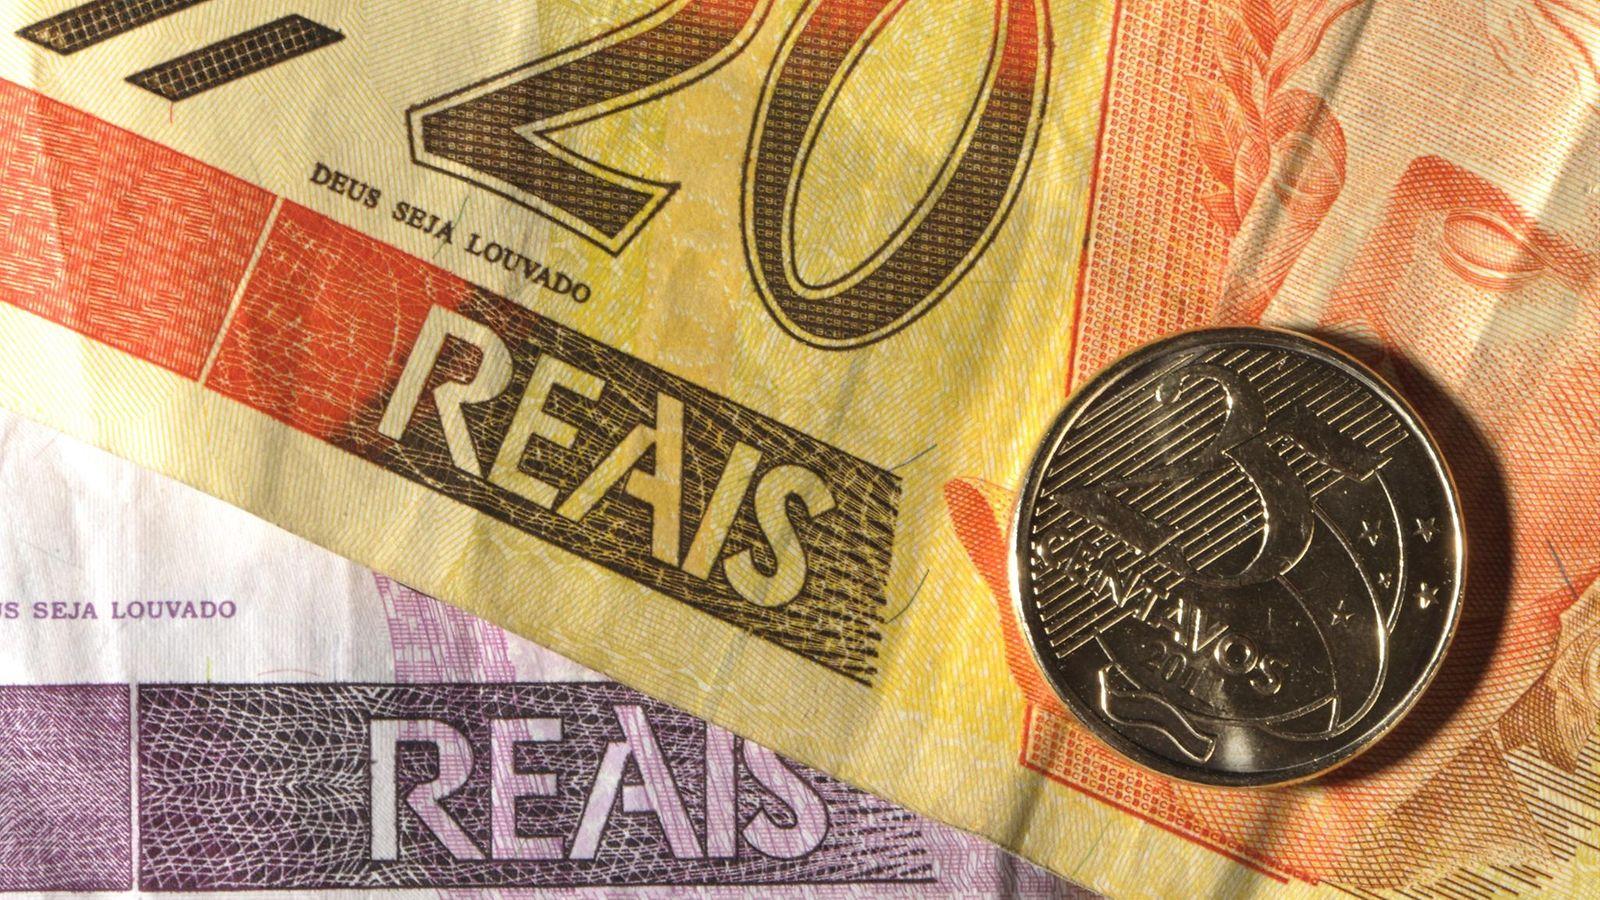 Brasilian Raha